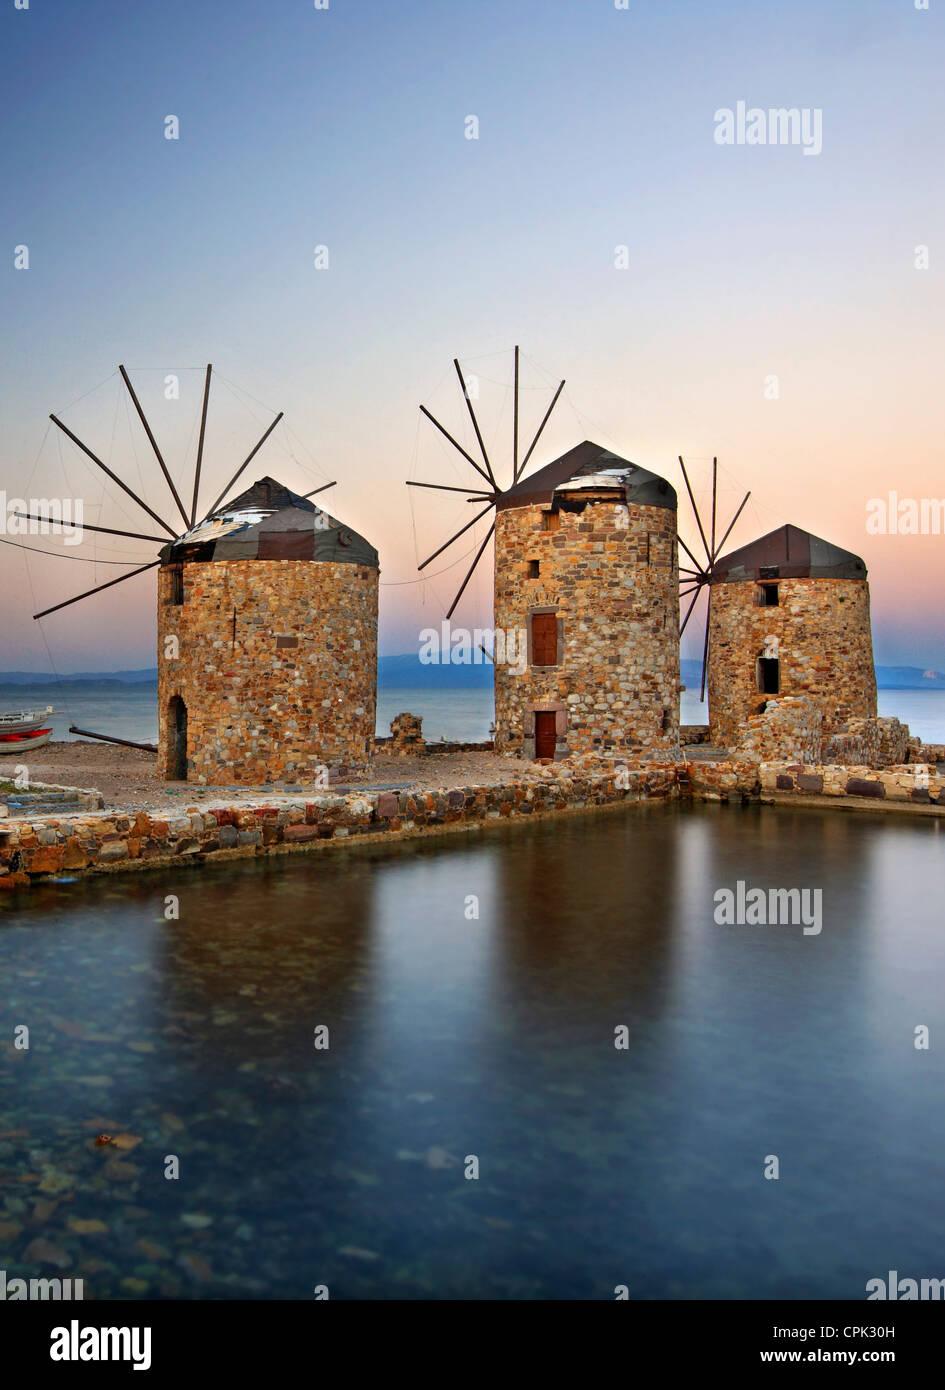 Bellos molinos justo al lado del mar en la ciudad de Chios, la isla de Chios, en el noreste del Mar Egeo, Grecia Imagen De Stock